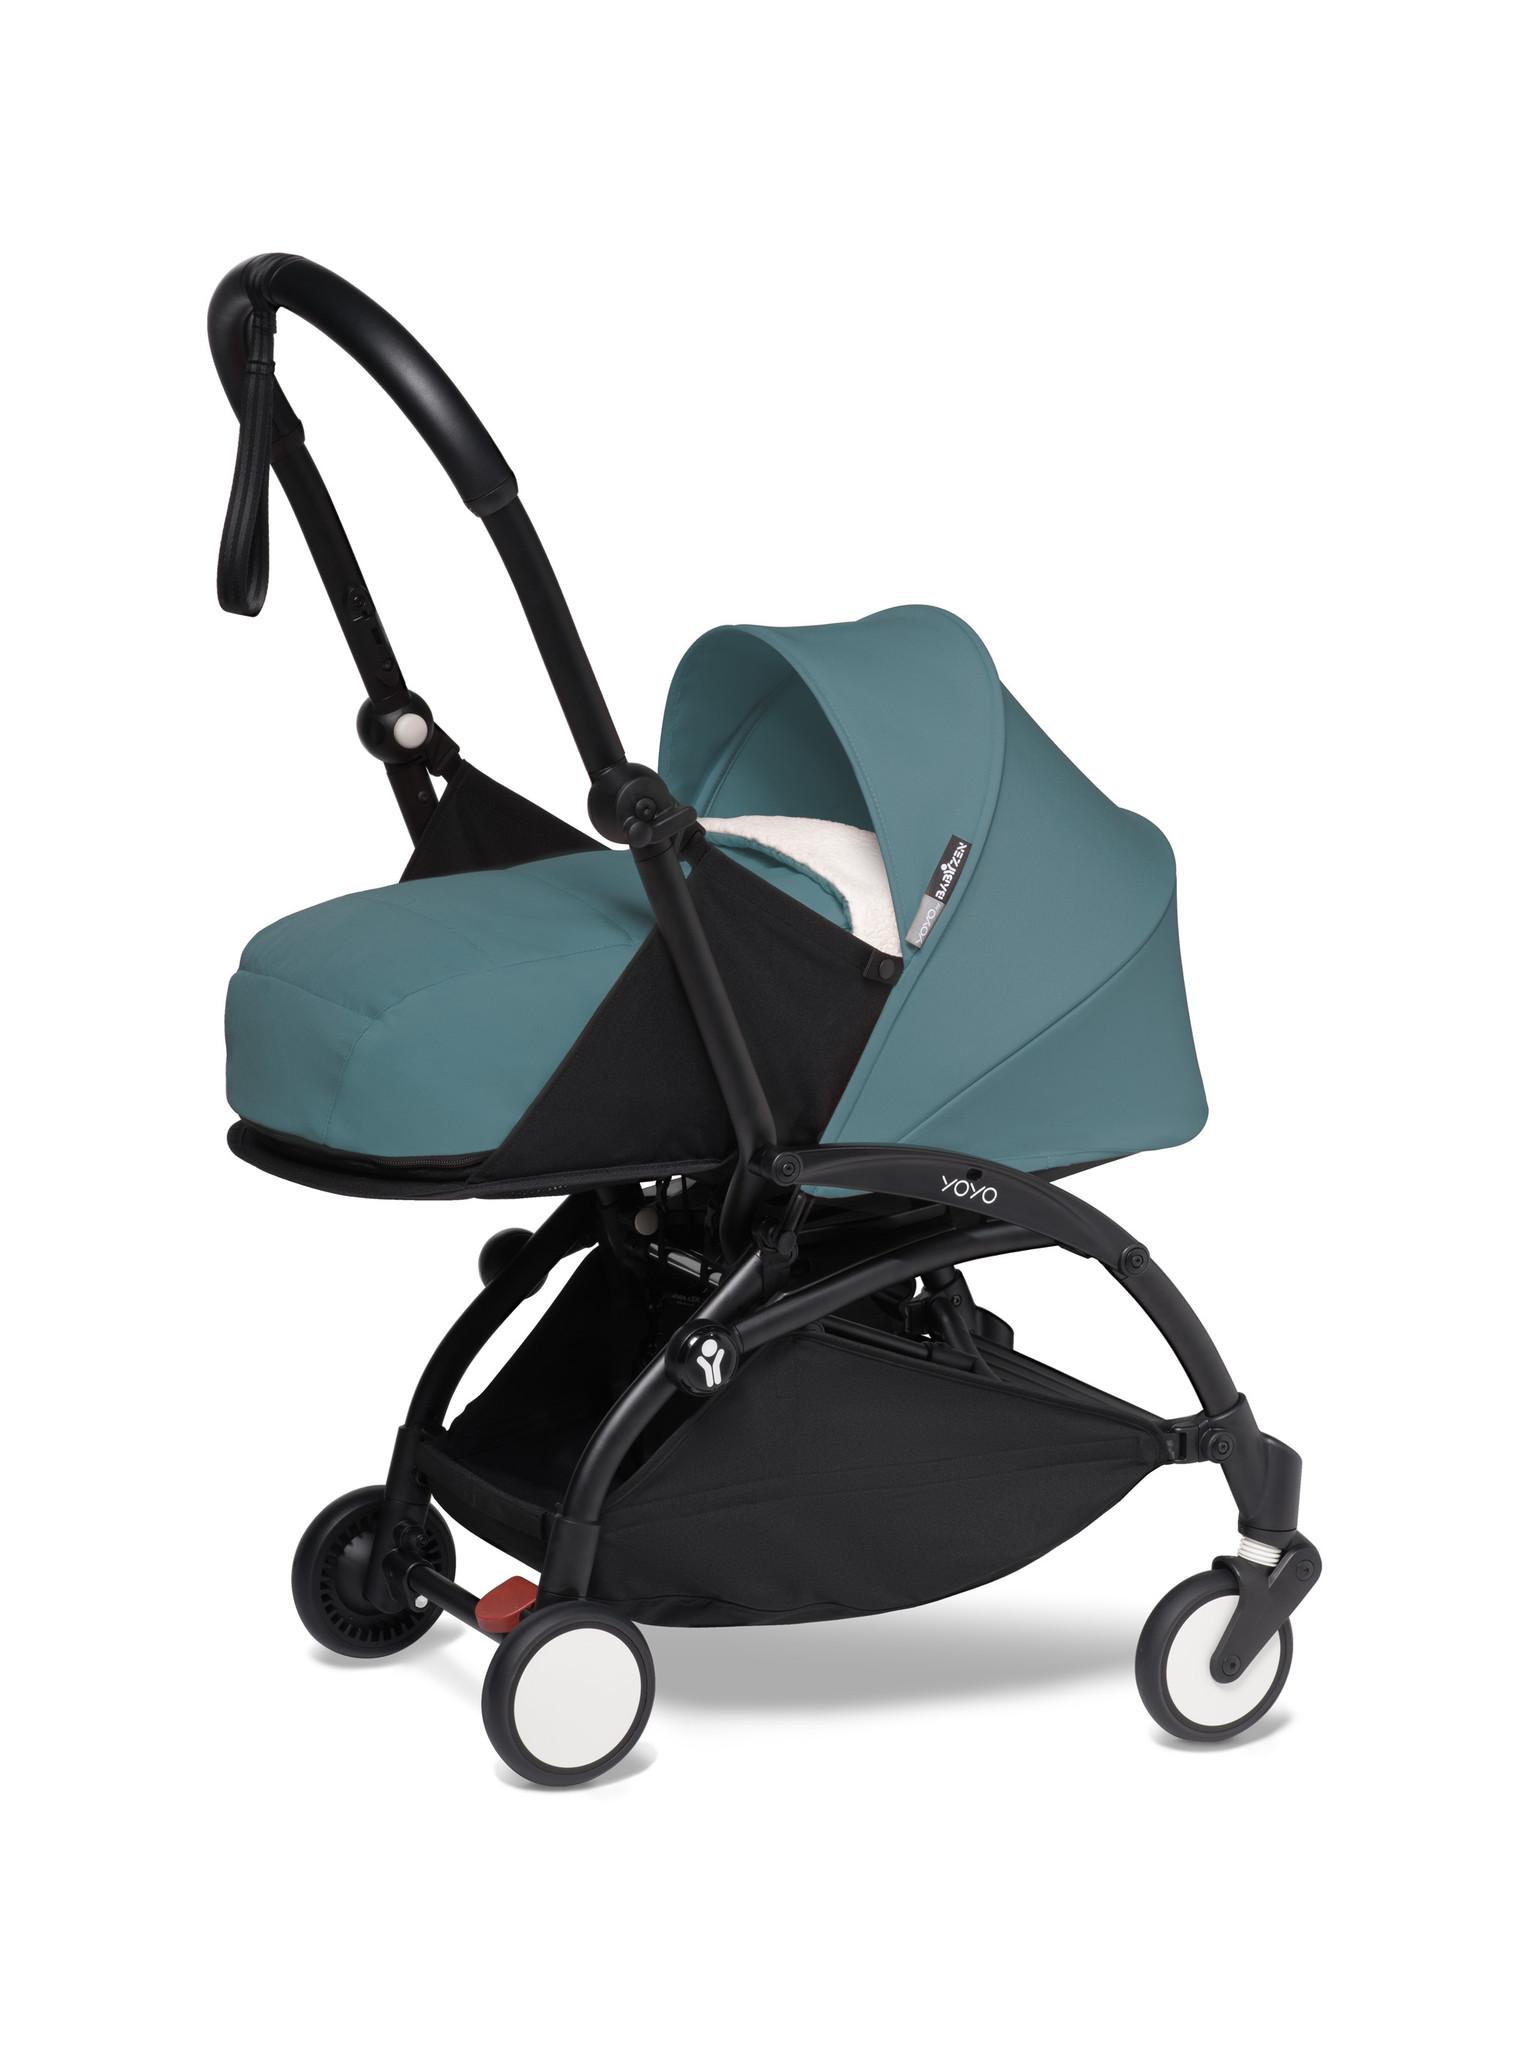 Babyzen Babyzen YOYO² buggy COMPLEET vanaf de geboorte inclusief YOYO² BeSafe autostoel zwart  en YOYO Bag -  aqua met frame zwart